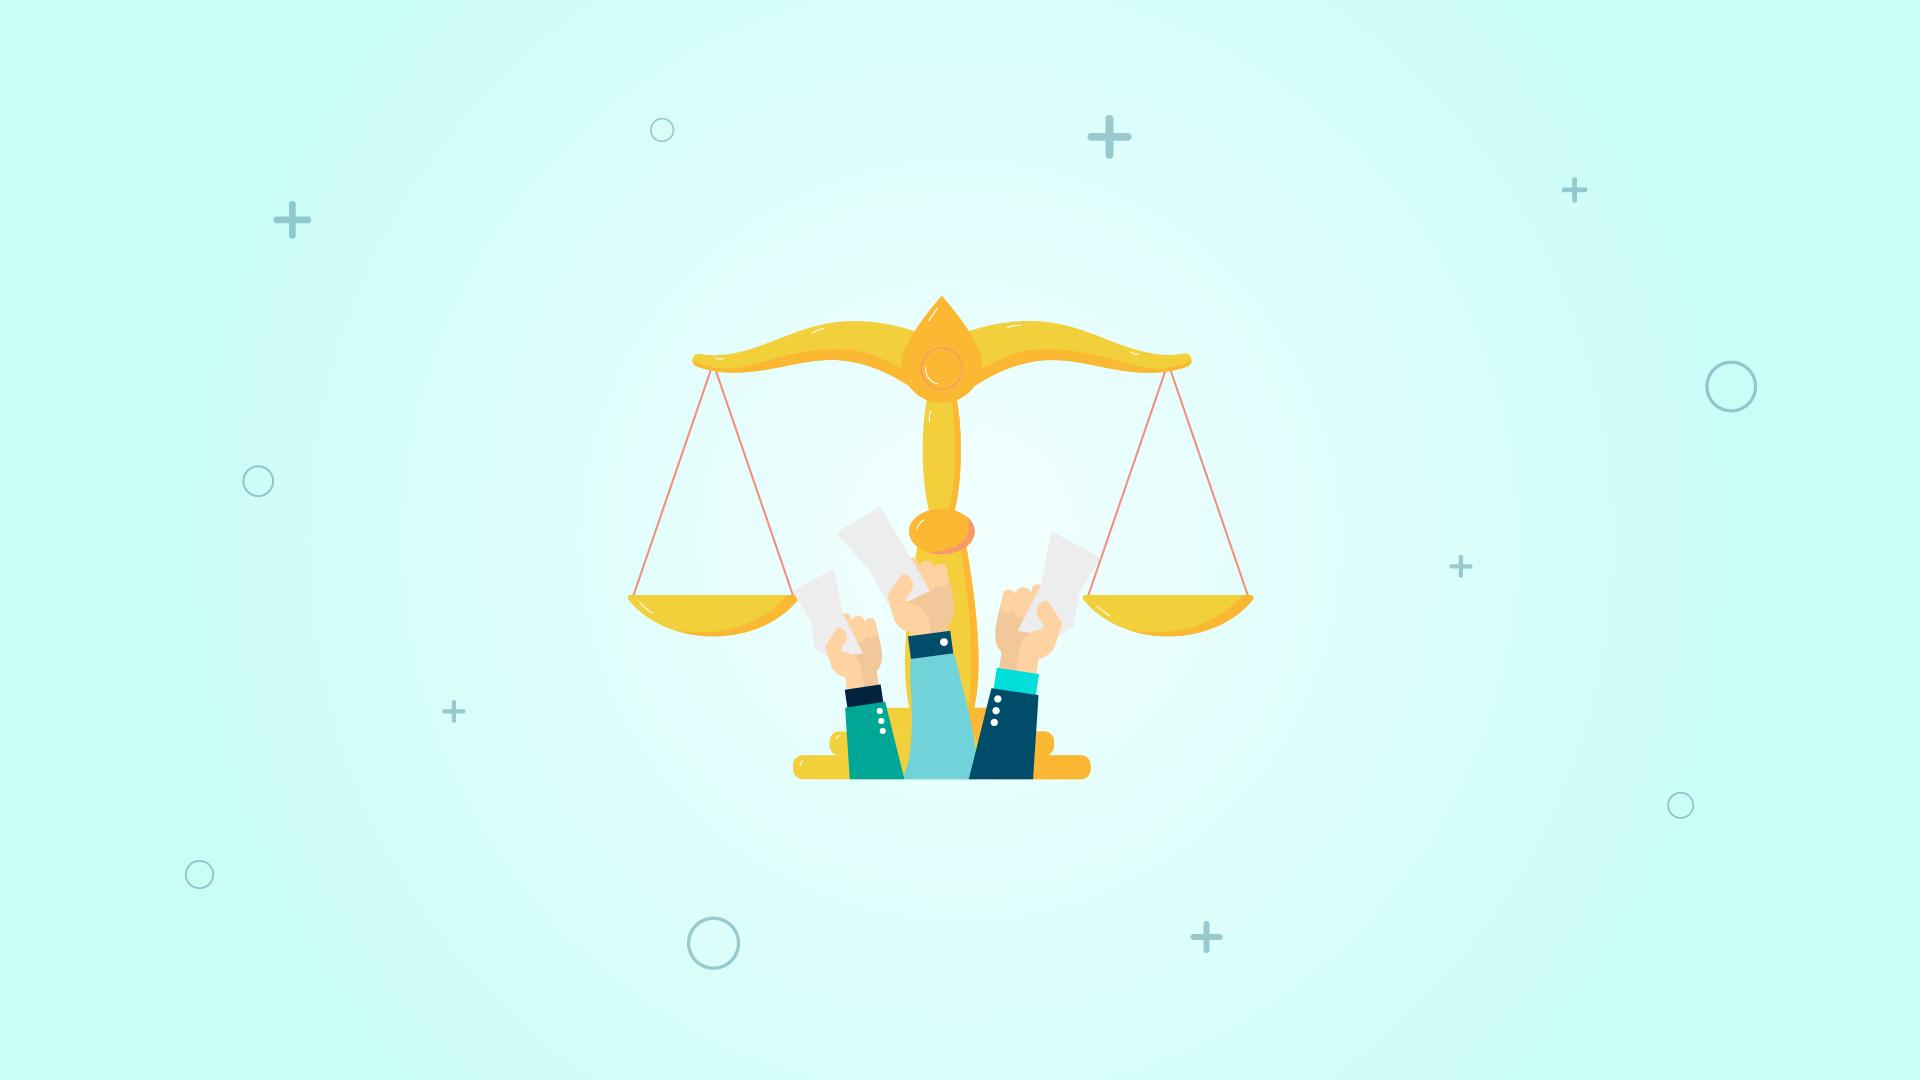 مهمترین قوانین حاکم بر معاملات